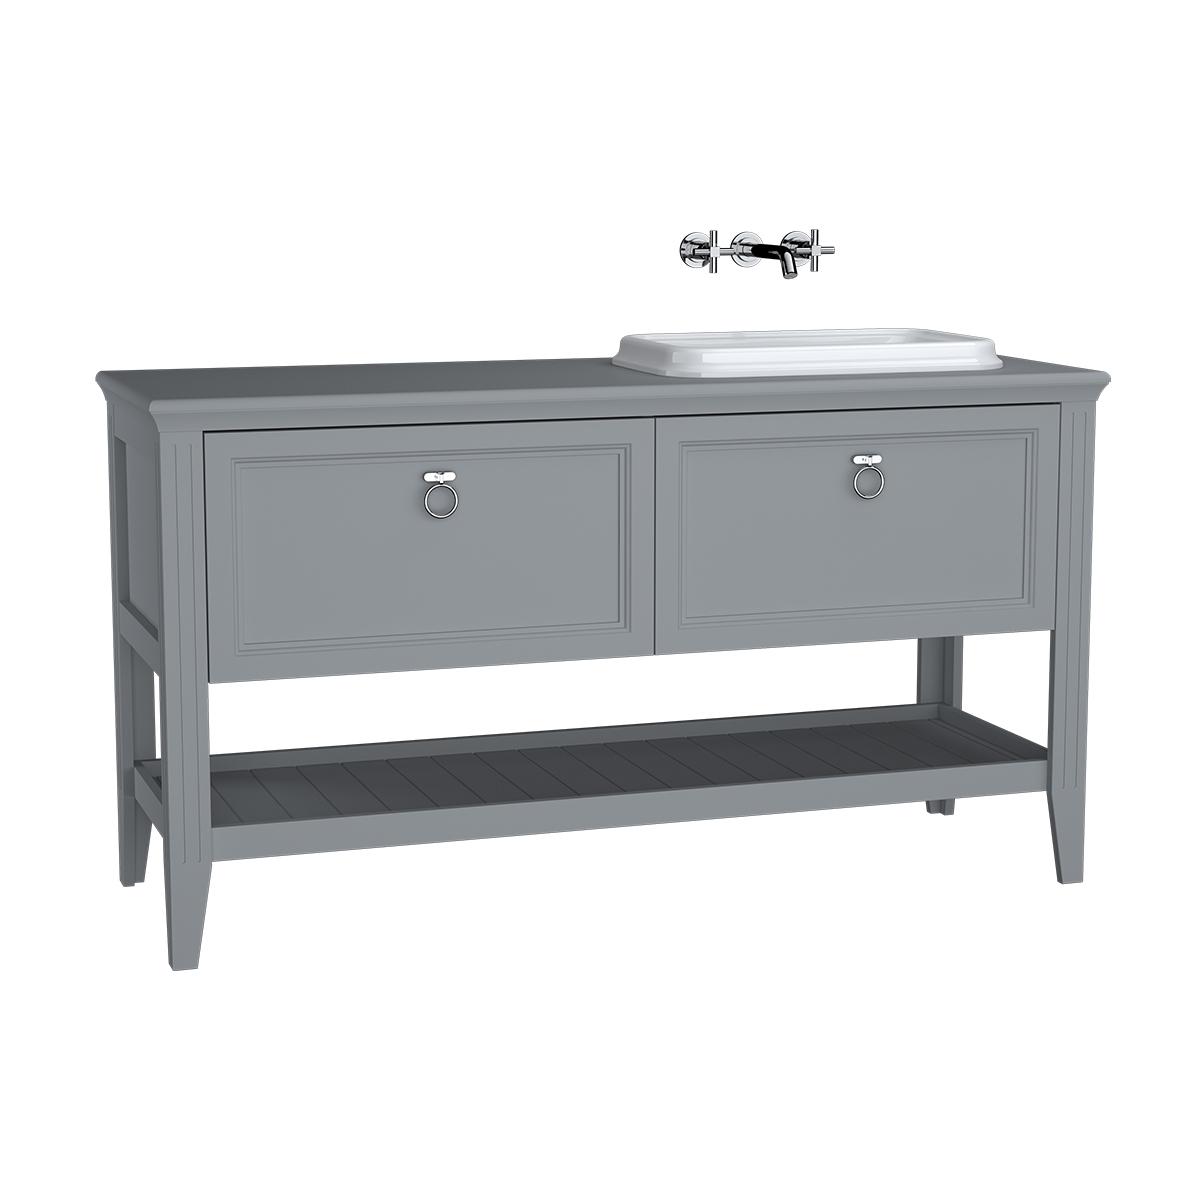 Valarte meuble sous vasque encastrée, vasque (droite), 150 cm, tiroir, gris mat